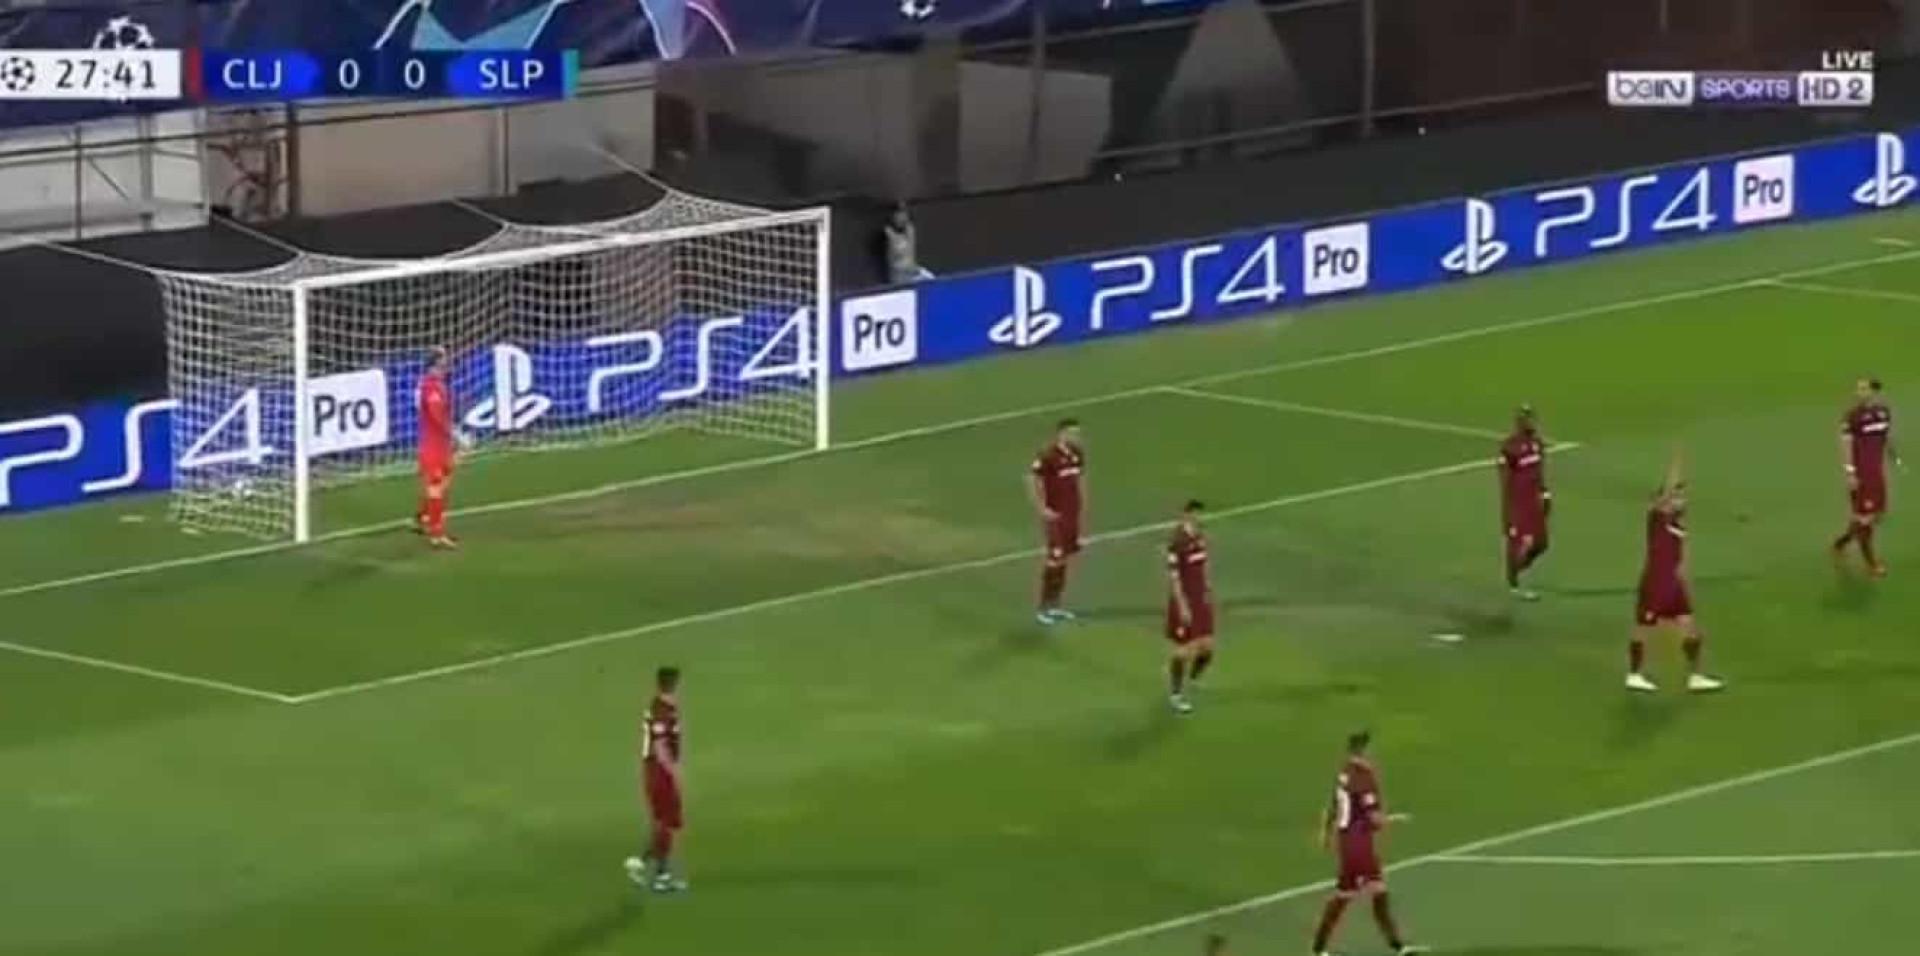 Médio do Slavia Praga assina golo mirabolante na Liga dos Campeões